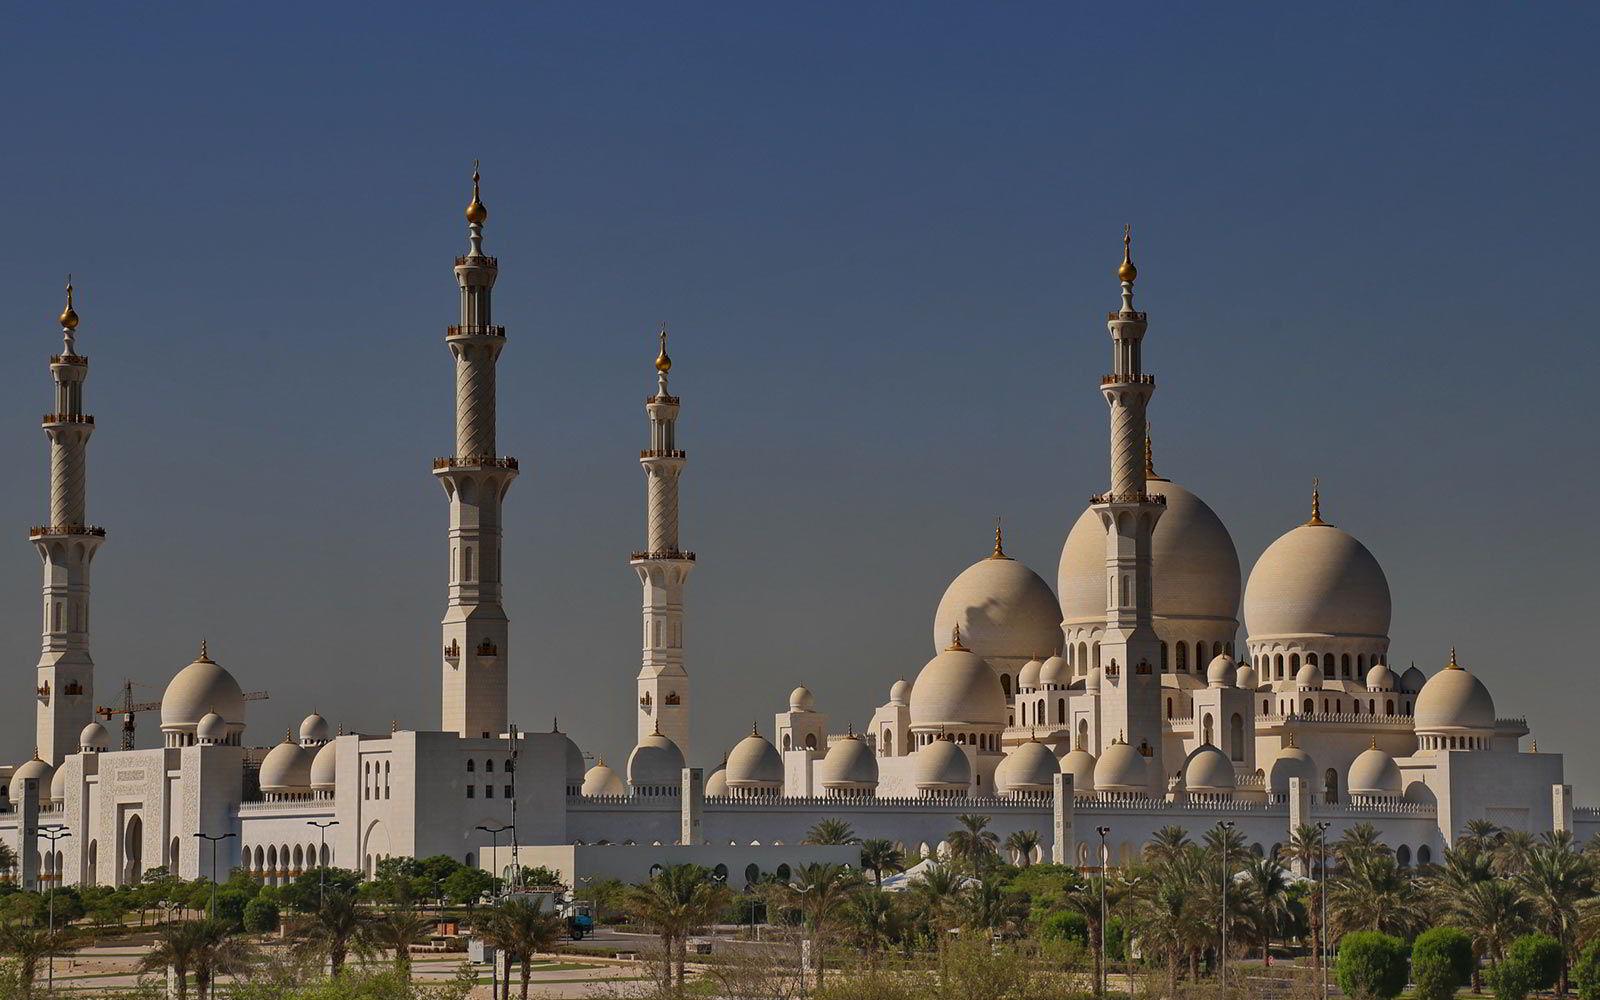 Abu Dhabi: Gran Moschea dello Sceicco Zayed